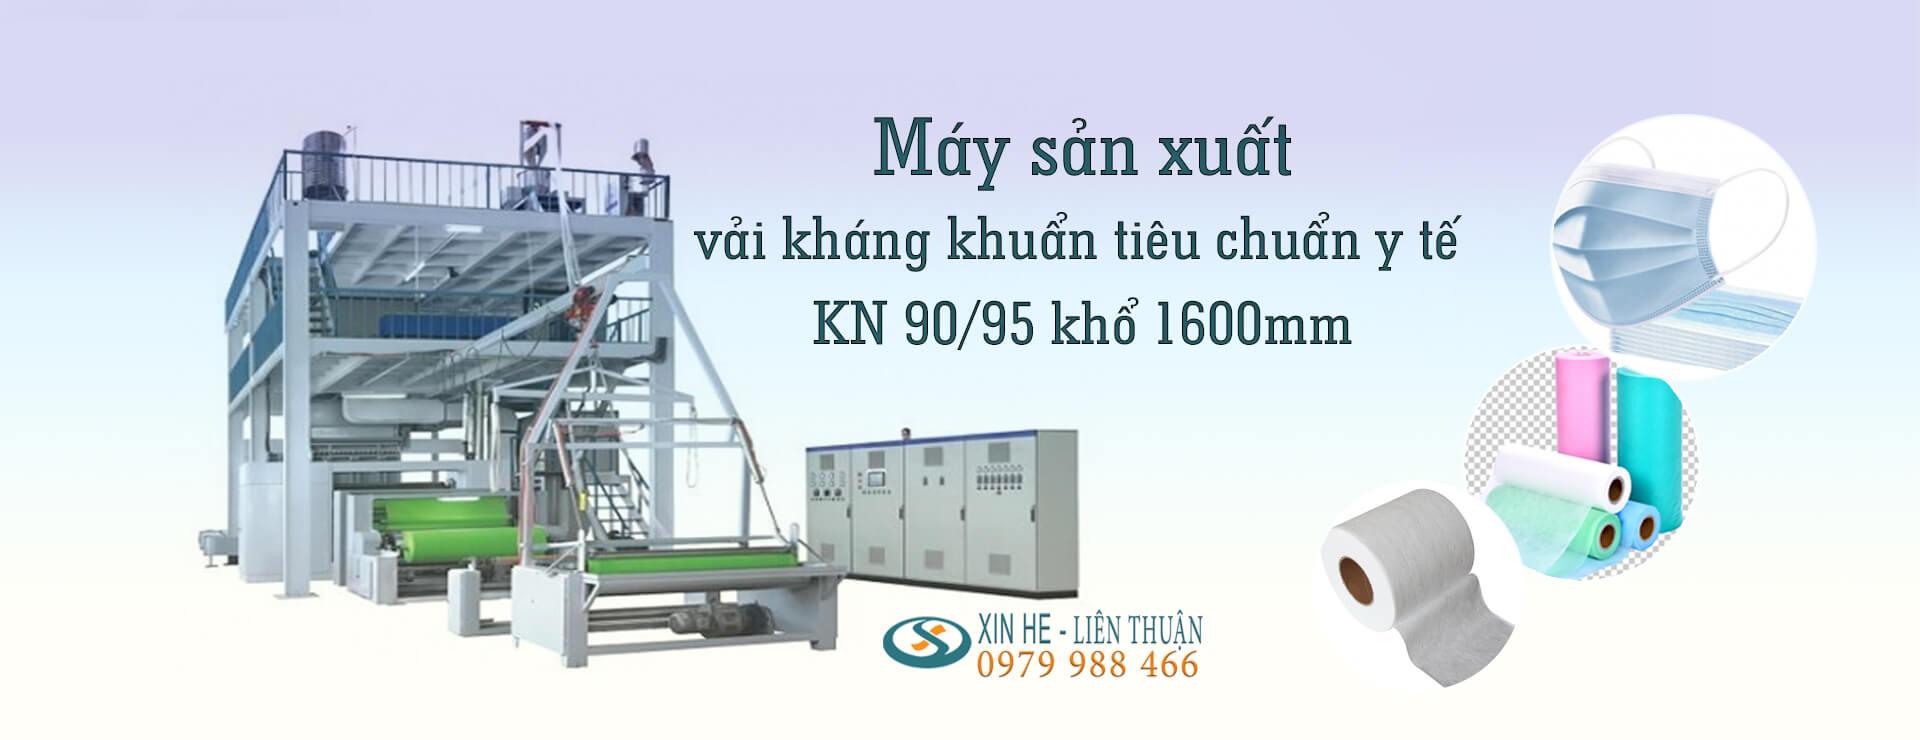 vai-khang-khuan